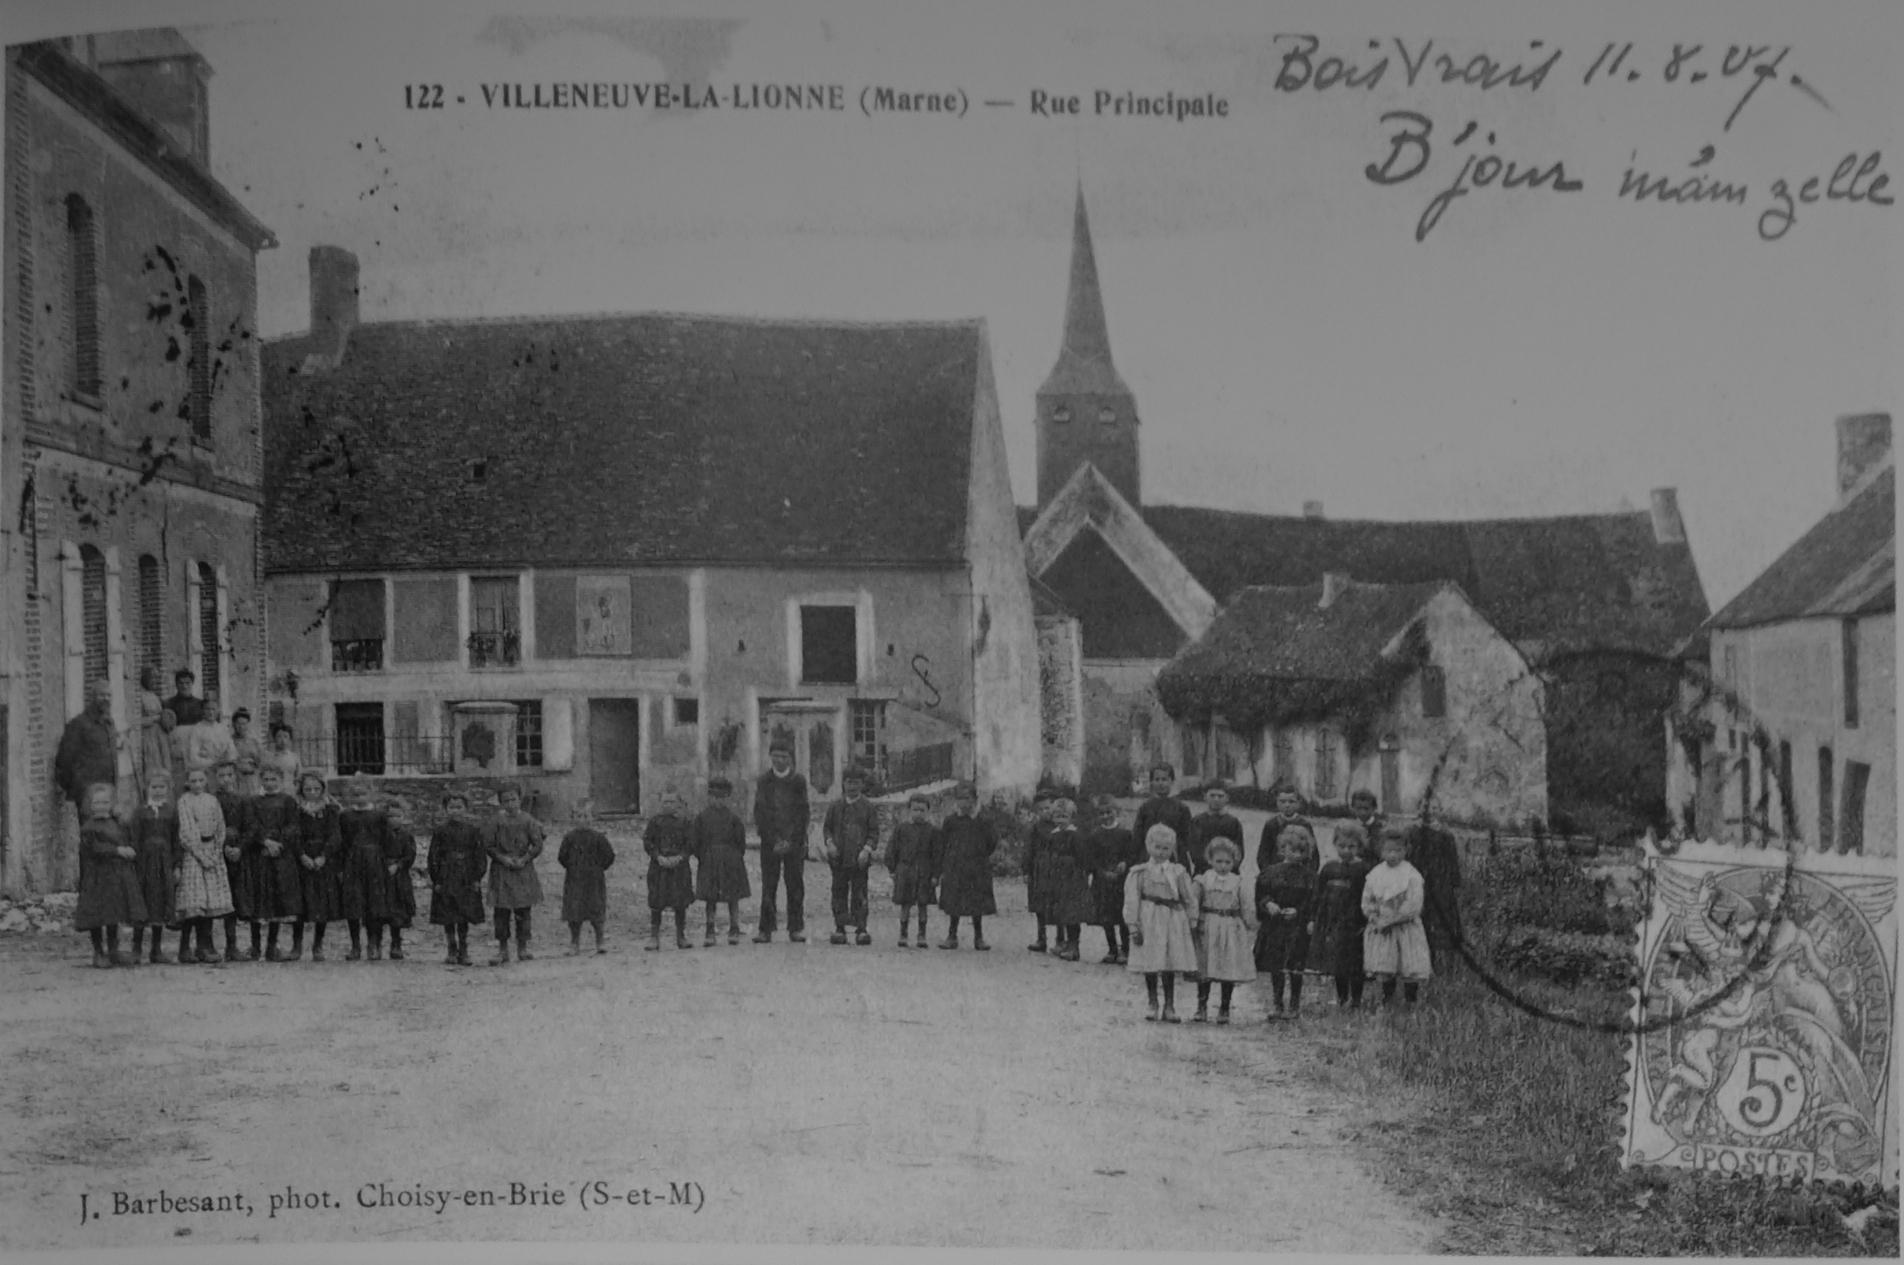 Villeneuve-la-Lionne